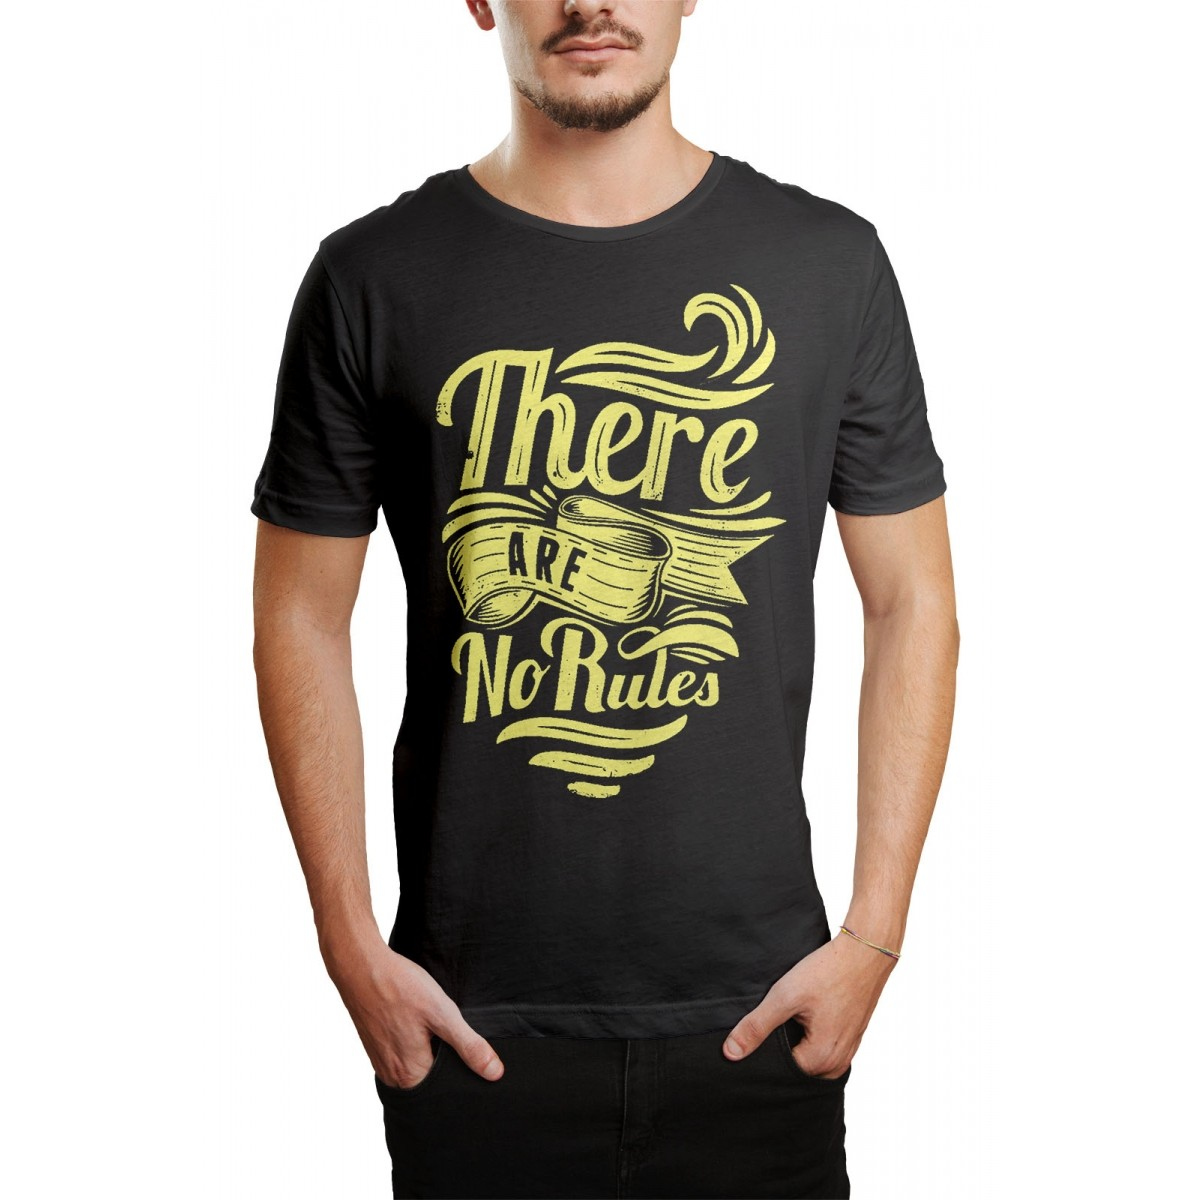 Camiseta HShop No Rules Cinza  - HShop